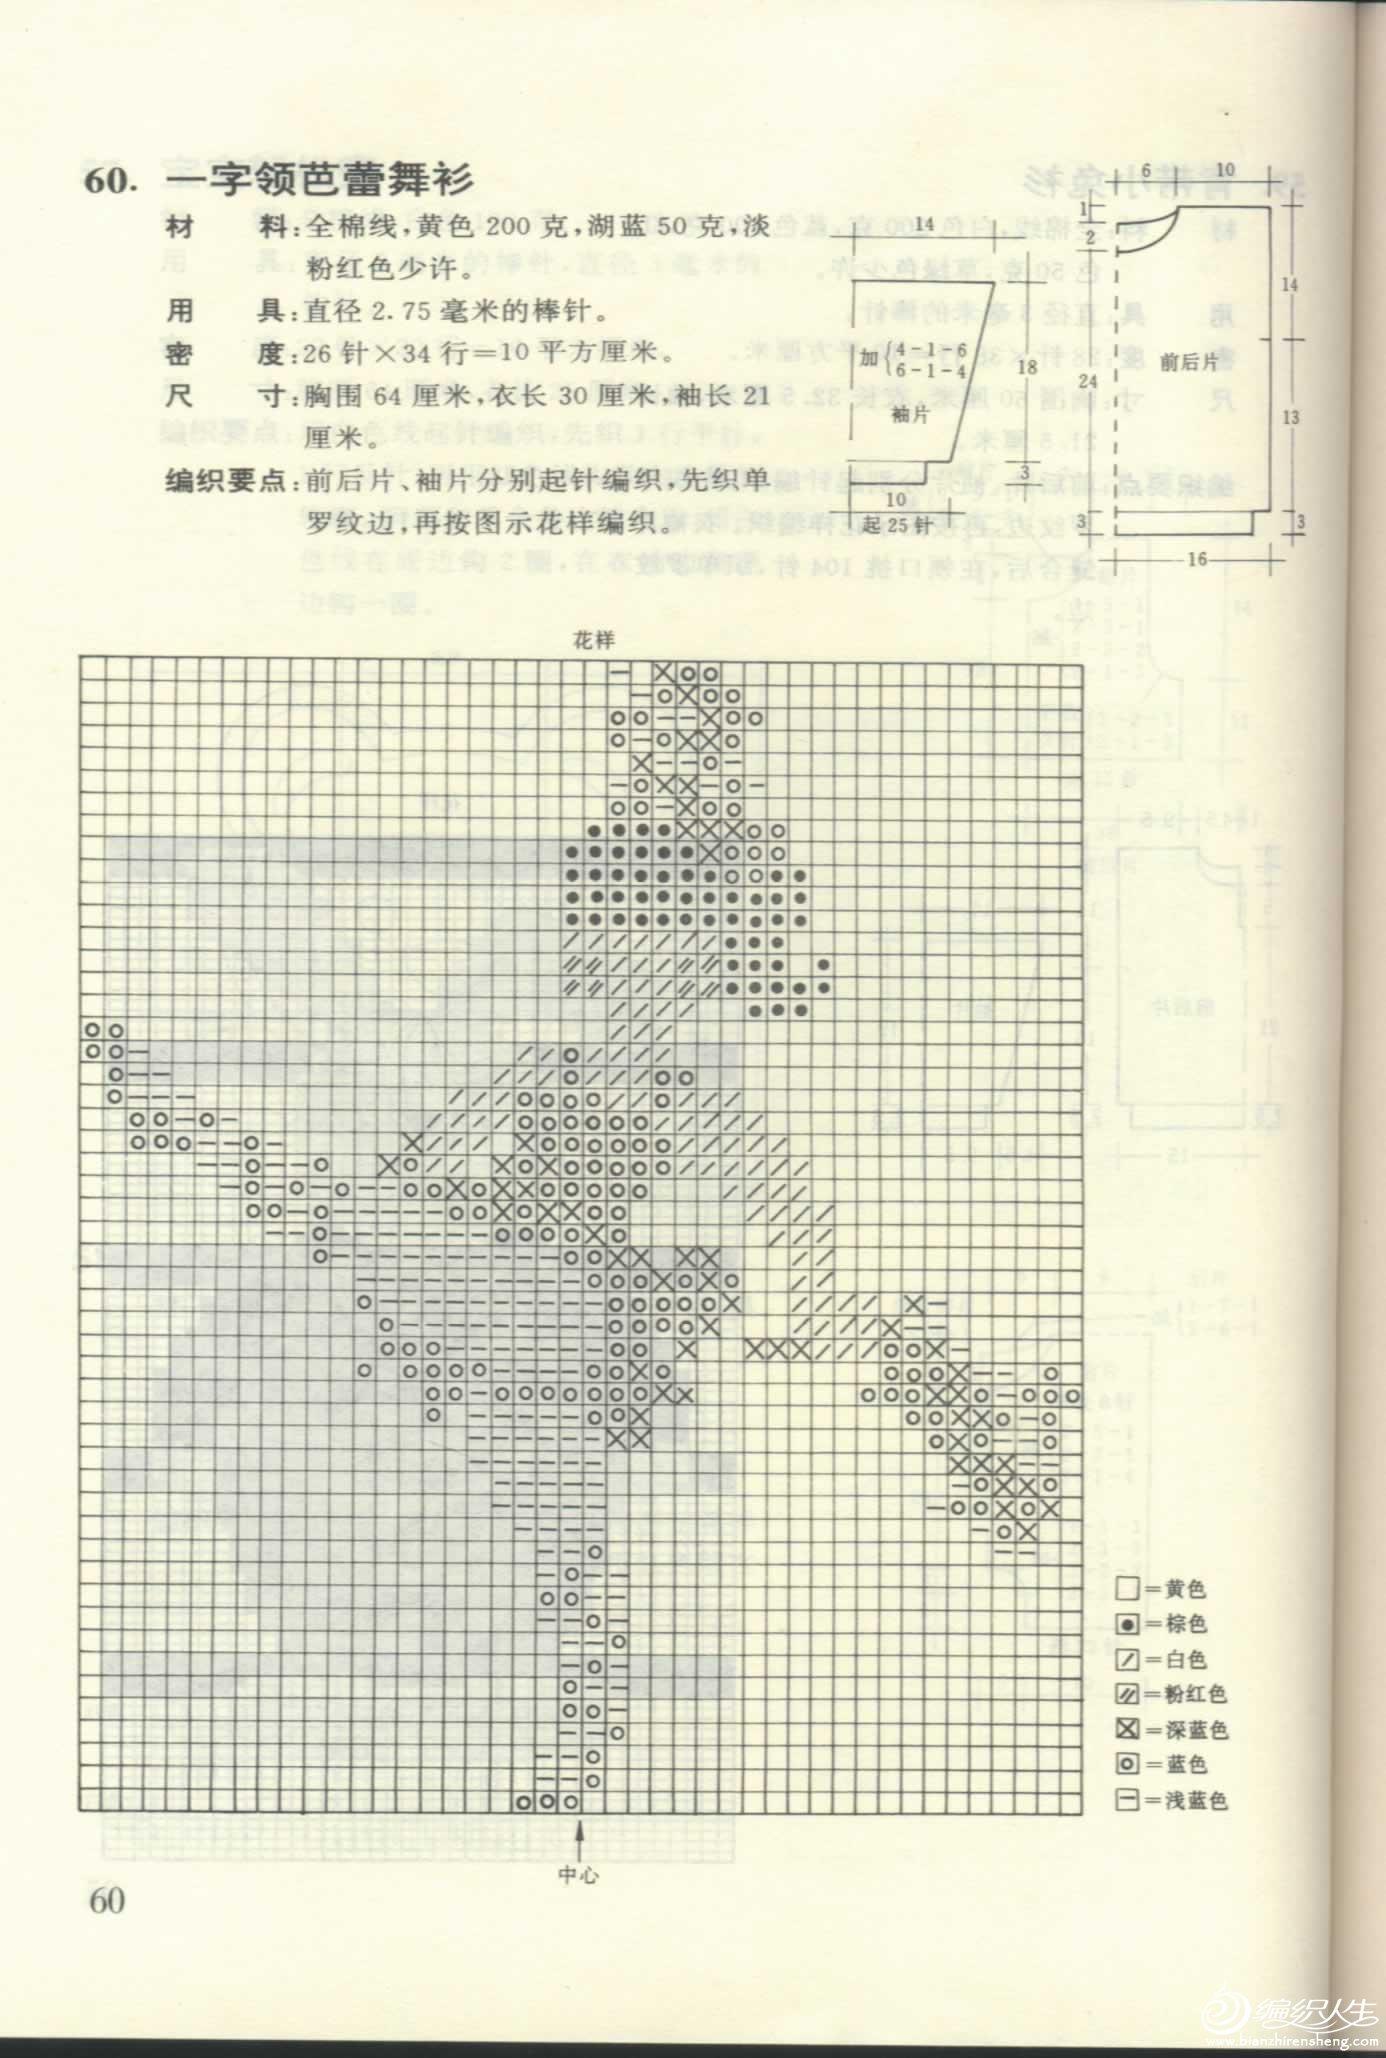 33_24801.jpg